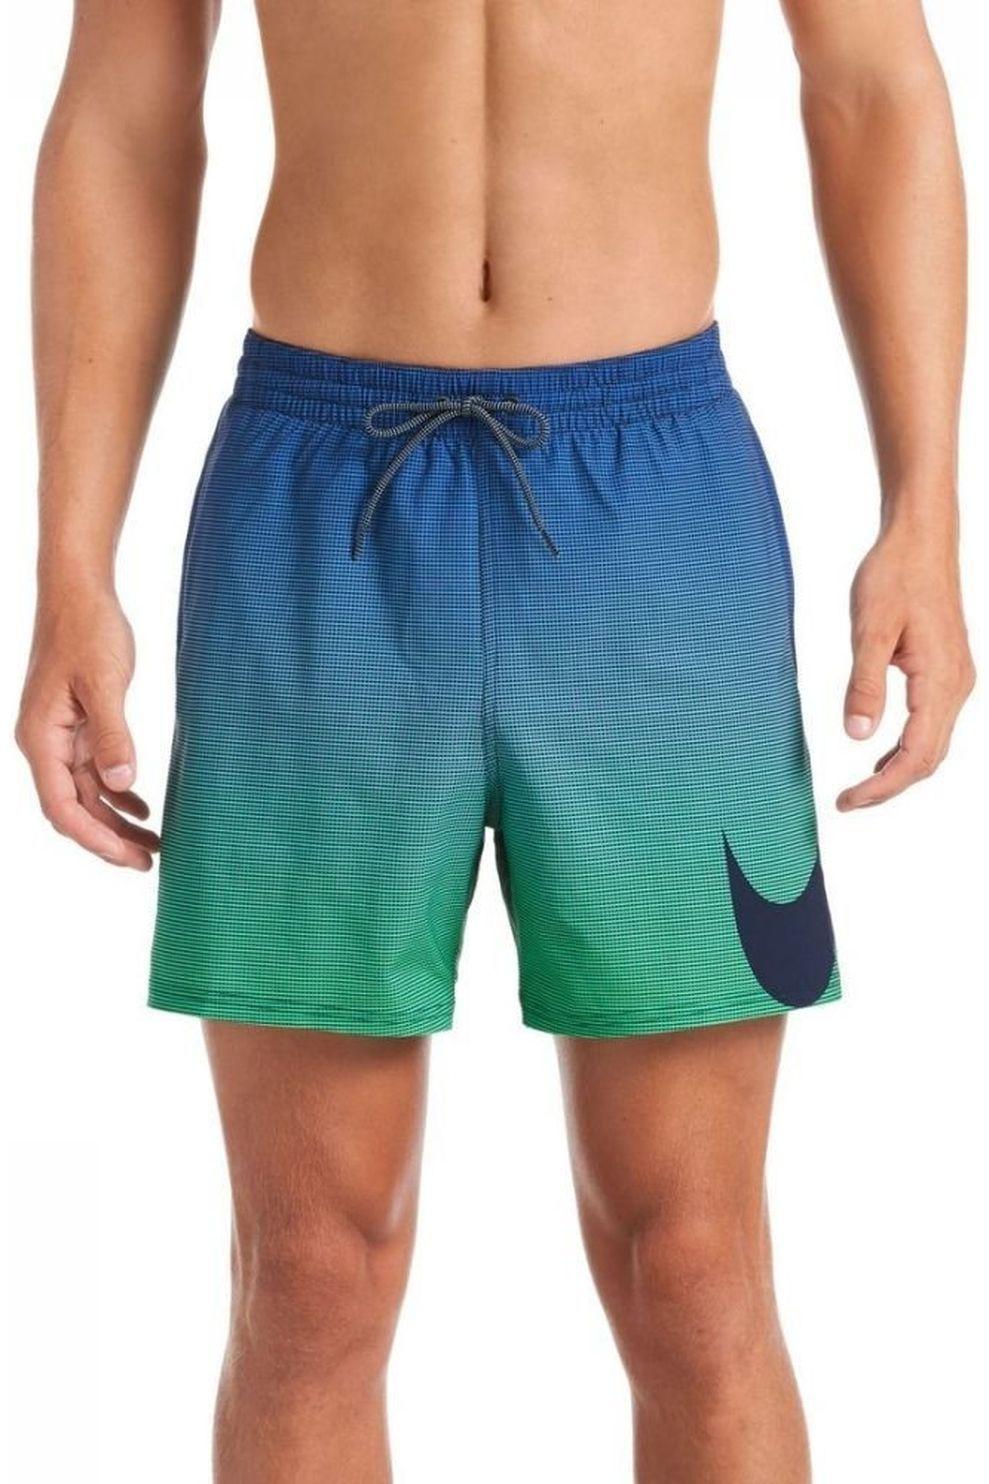 Nike Zwemshort 5Volley Short voor heren - Blauw/Groen - Maten: S, M, L, XL